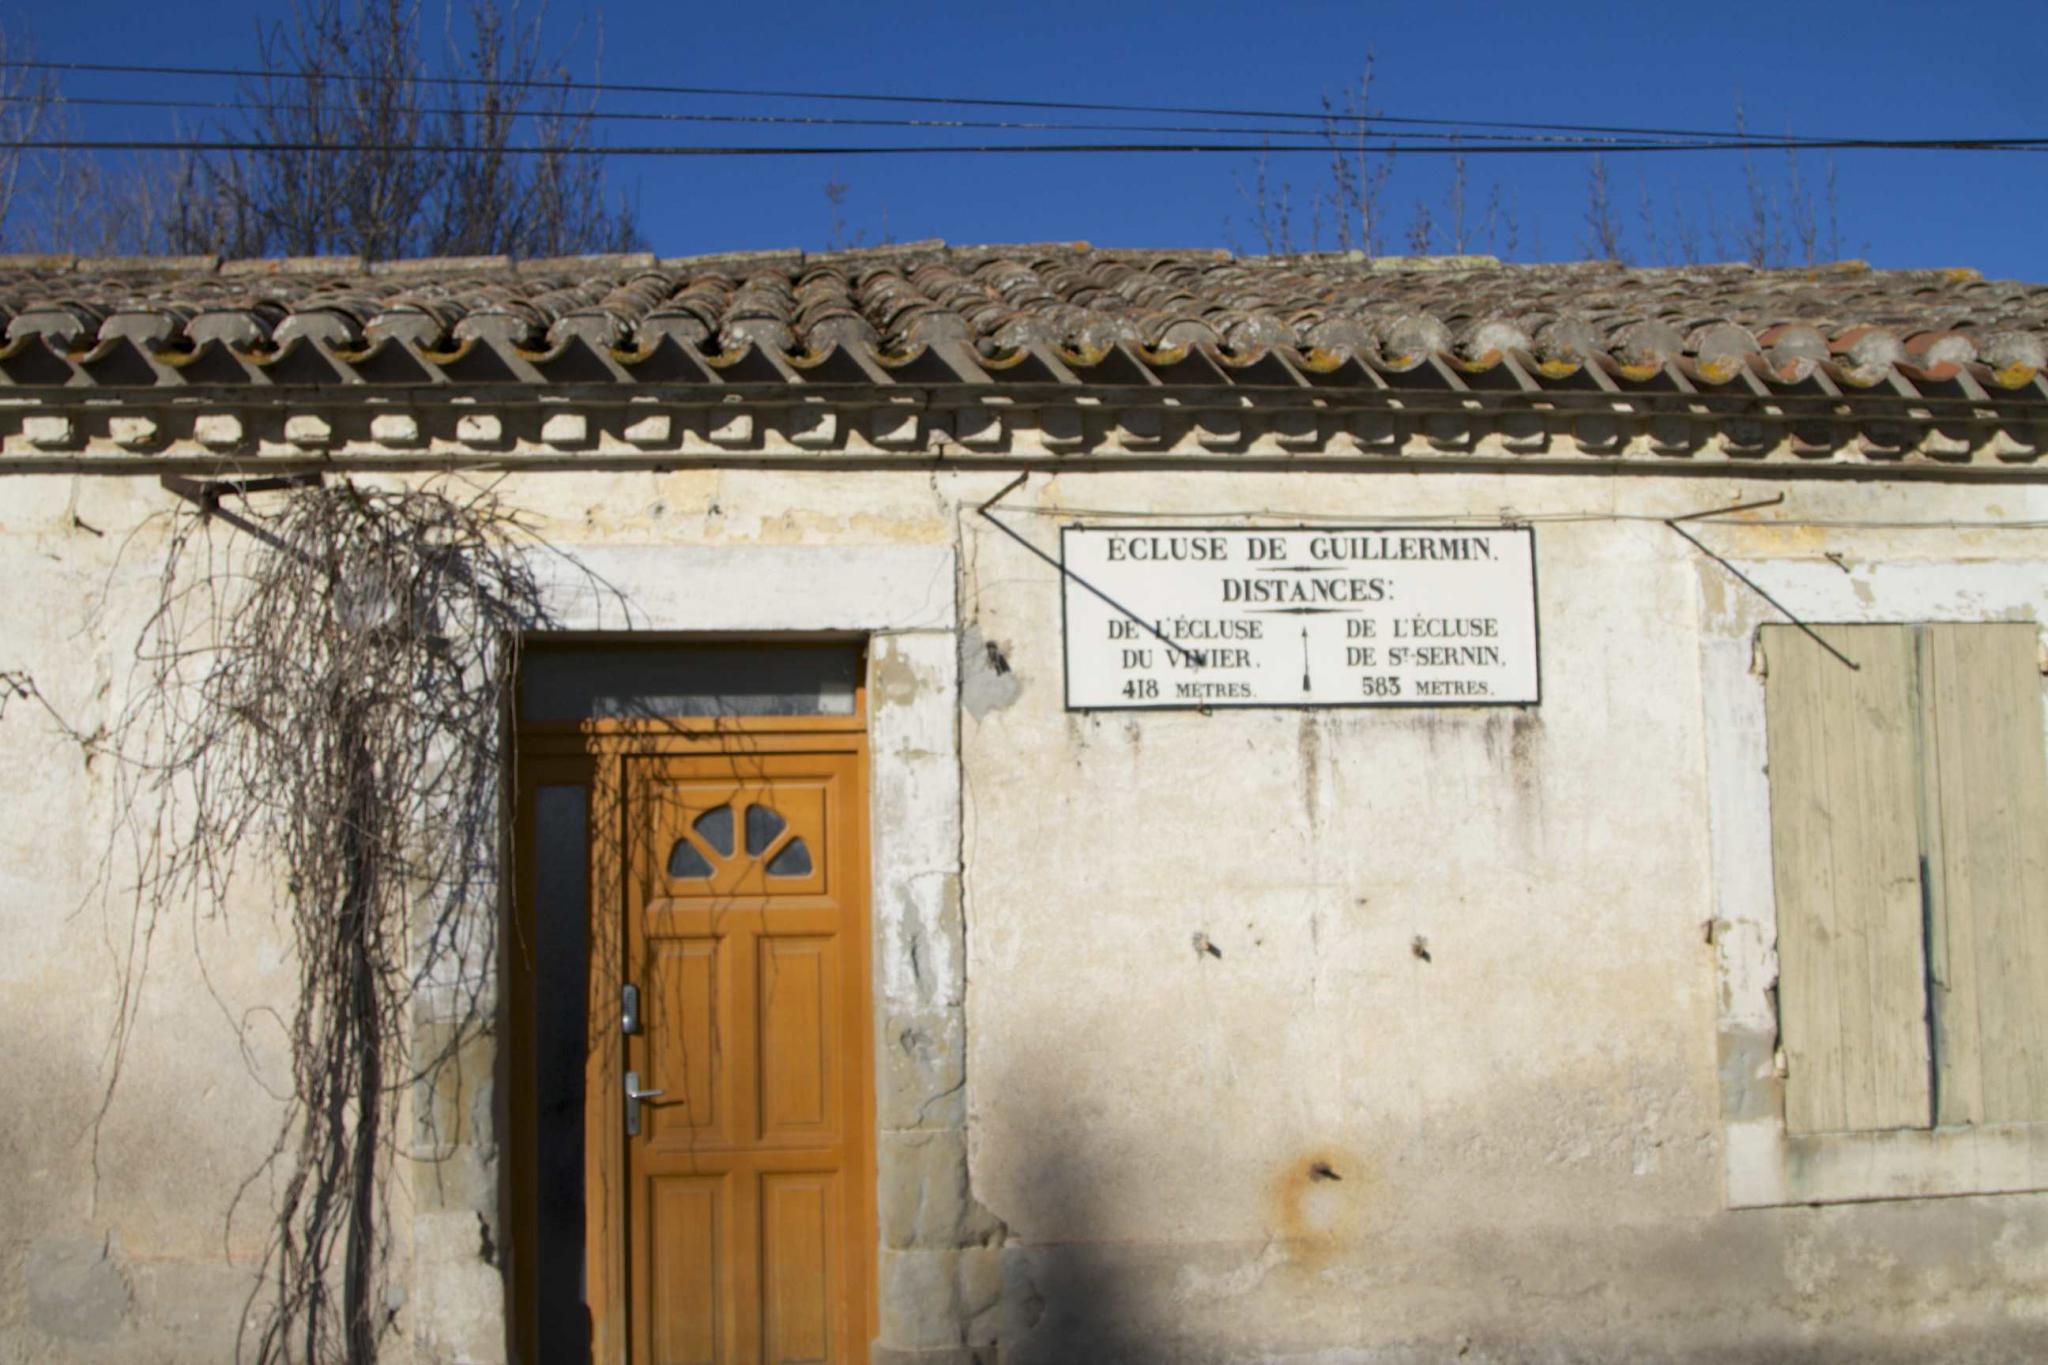 D co bassin ancien en pierre boulogne billancourt 21 bassin boulogne billancourt - Bassin ancien pierre vendre aulnay sous bois ...